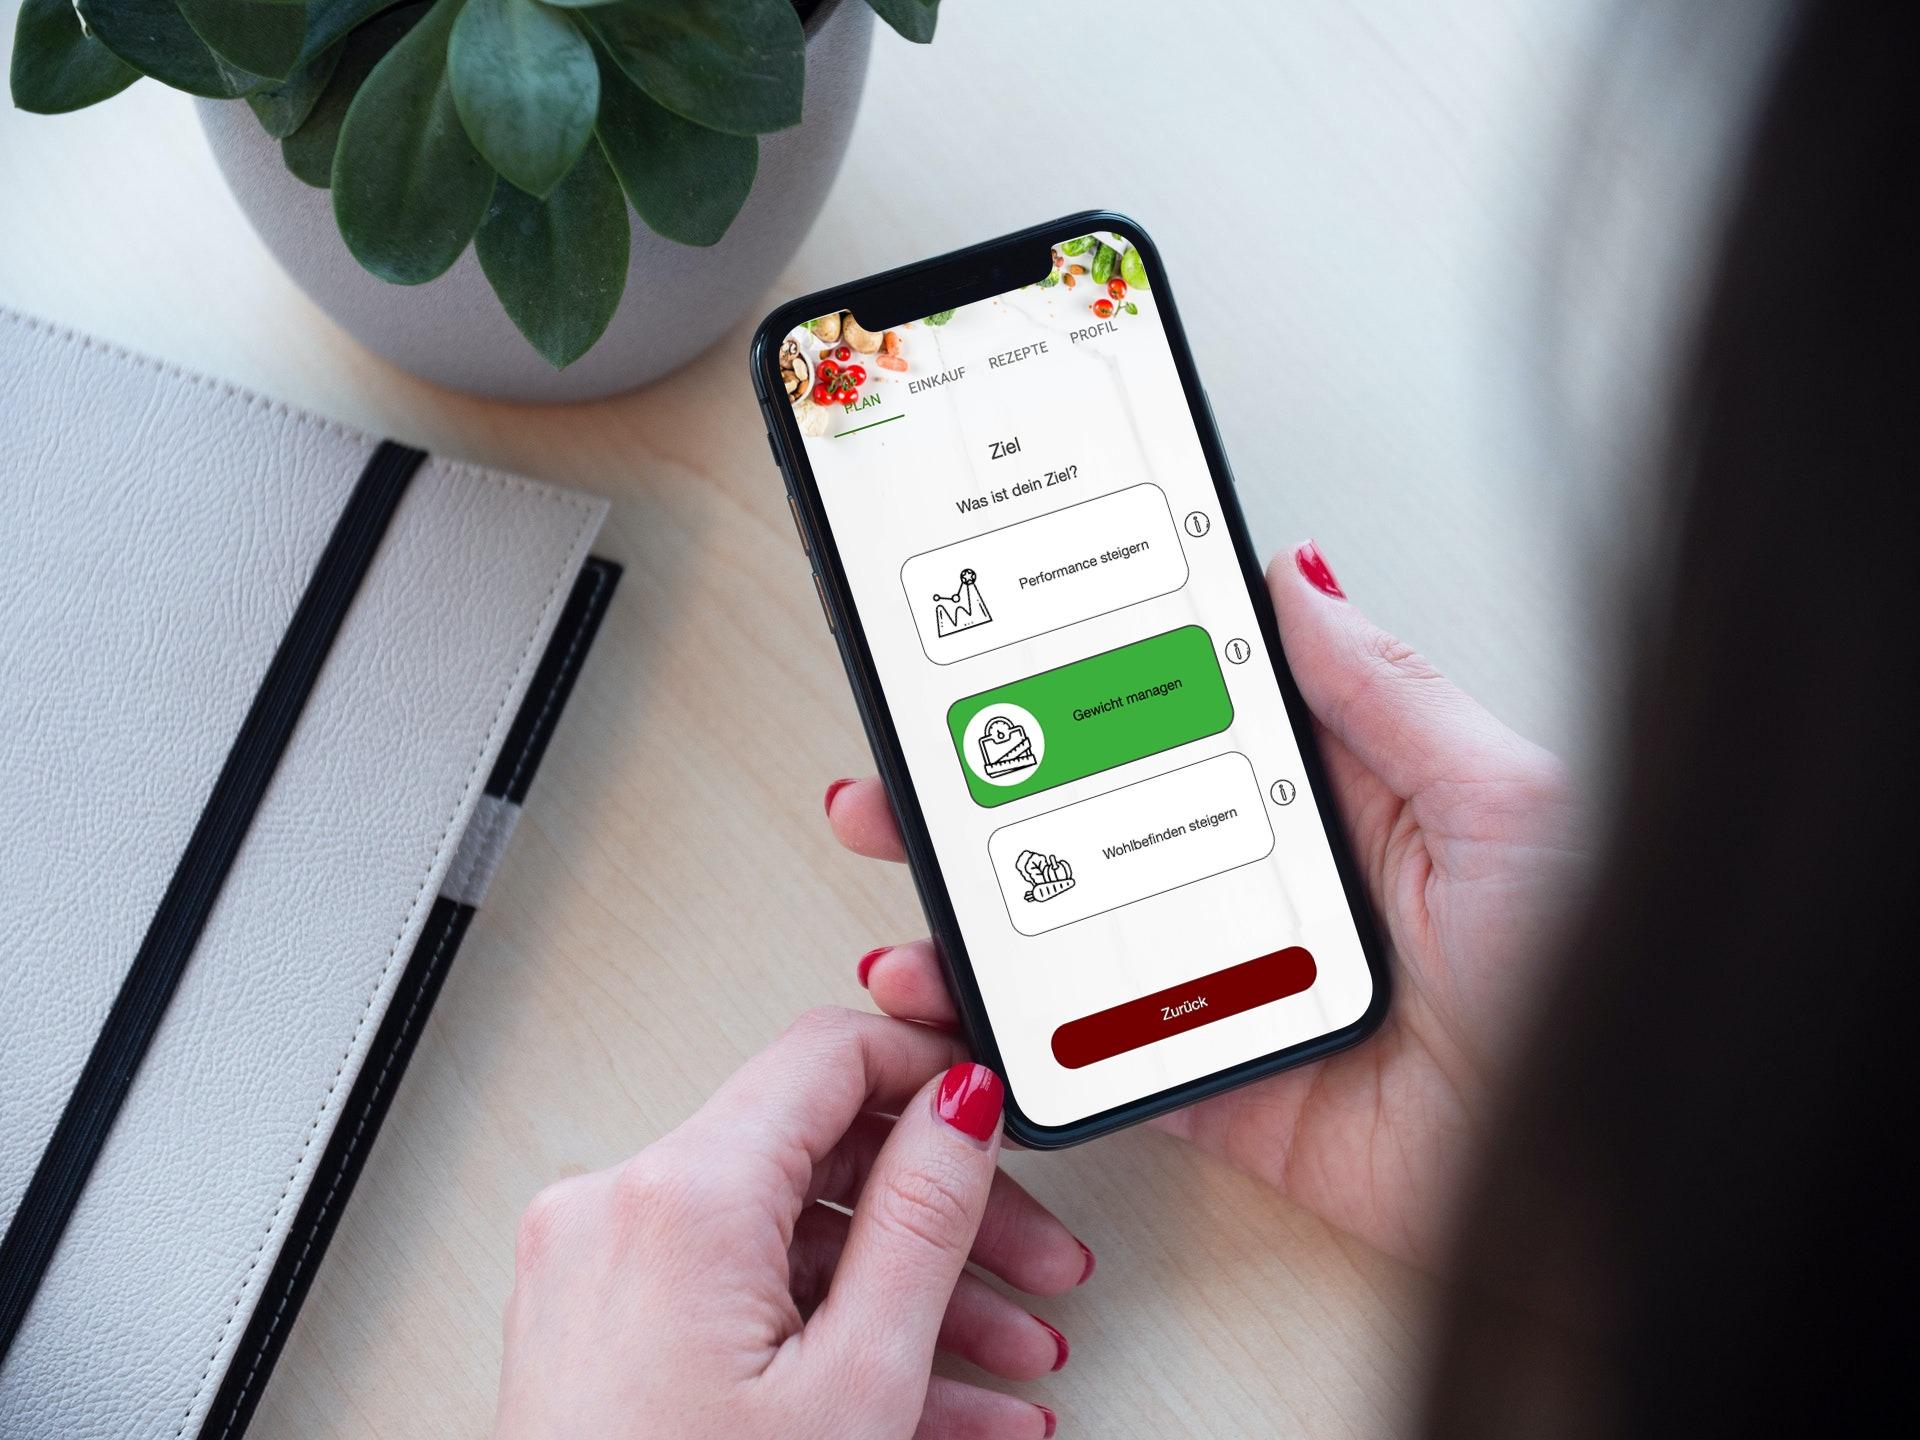 Ernährungsberater Software mit App für Ernährungscoaching - Ernährungspläne, Rezepte, Einkaufslisten - Zielauswahl